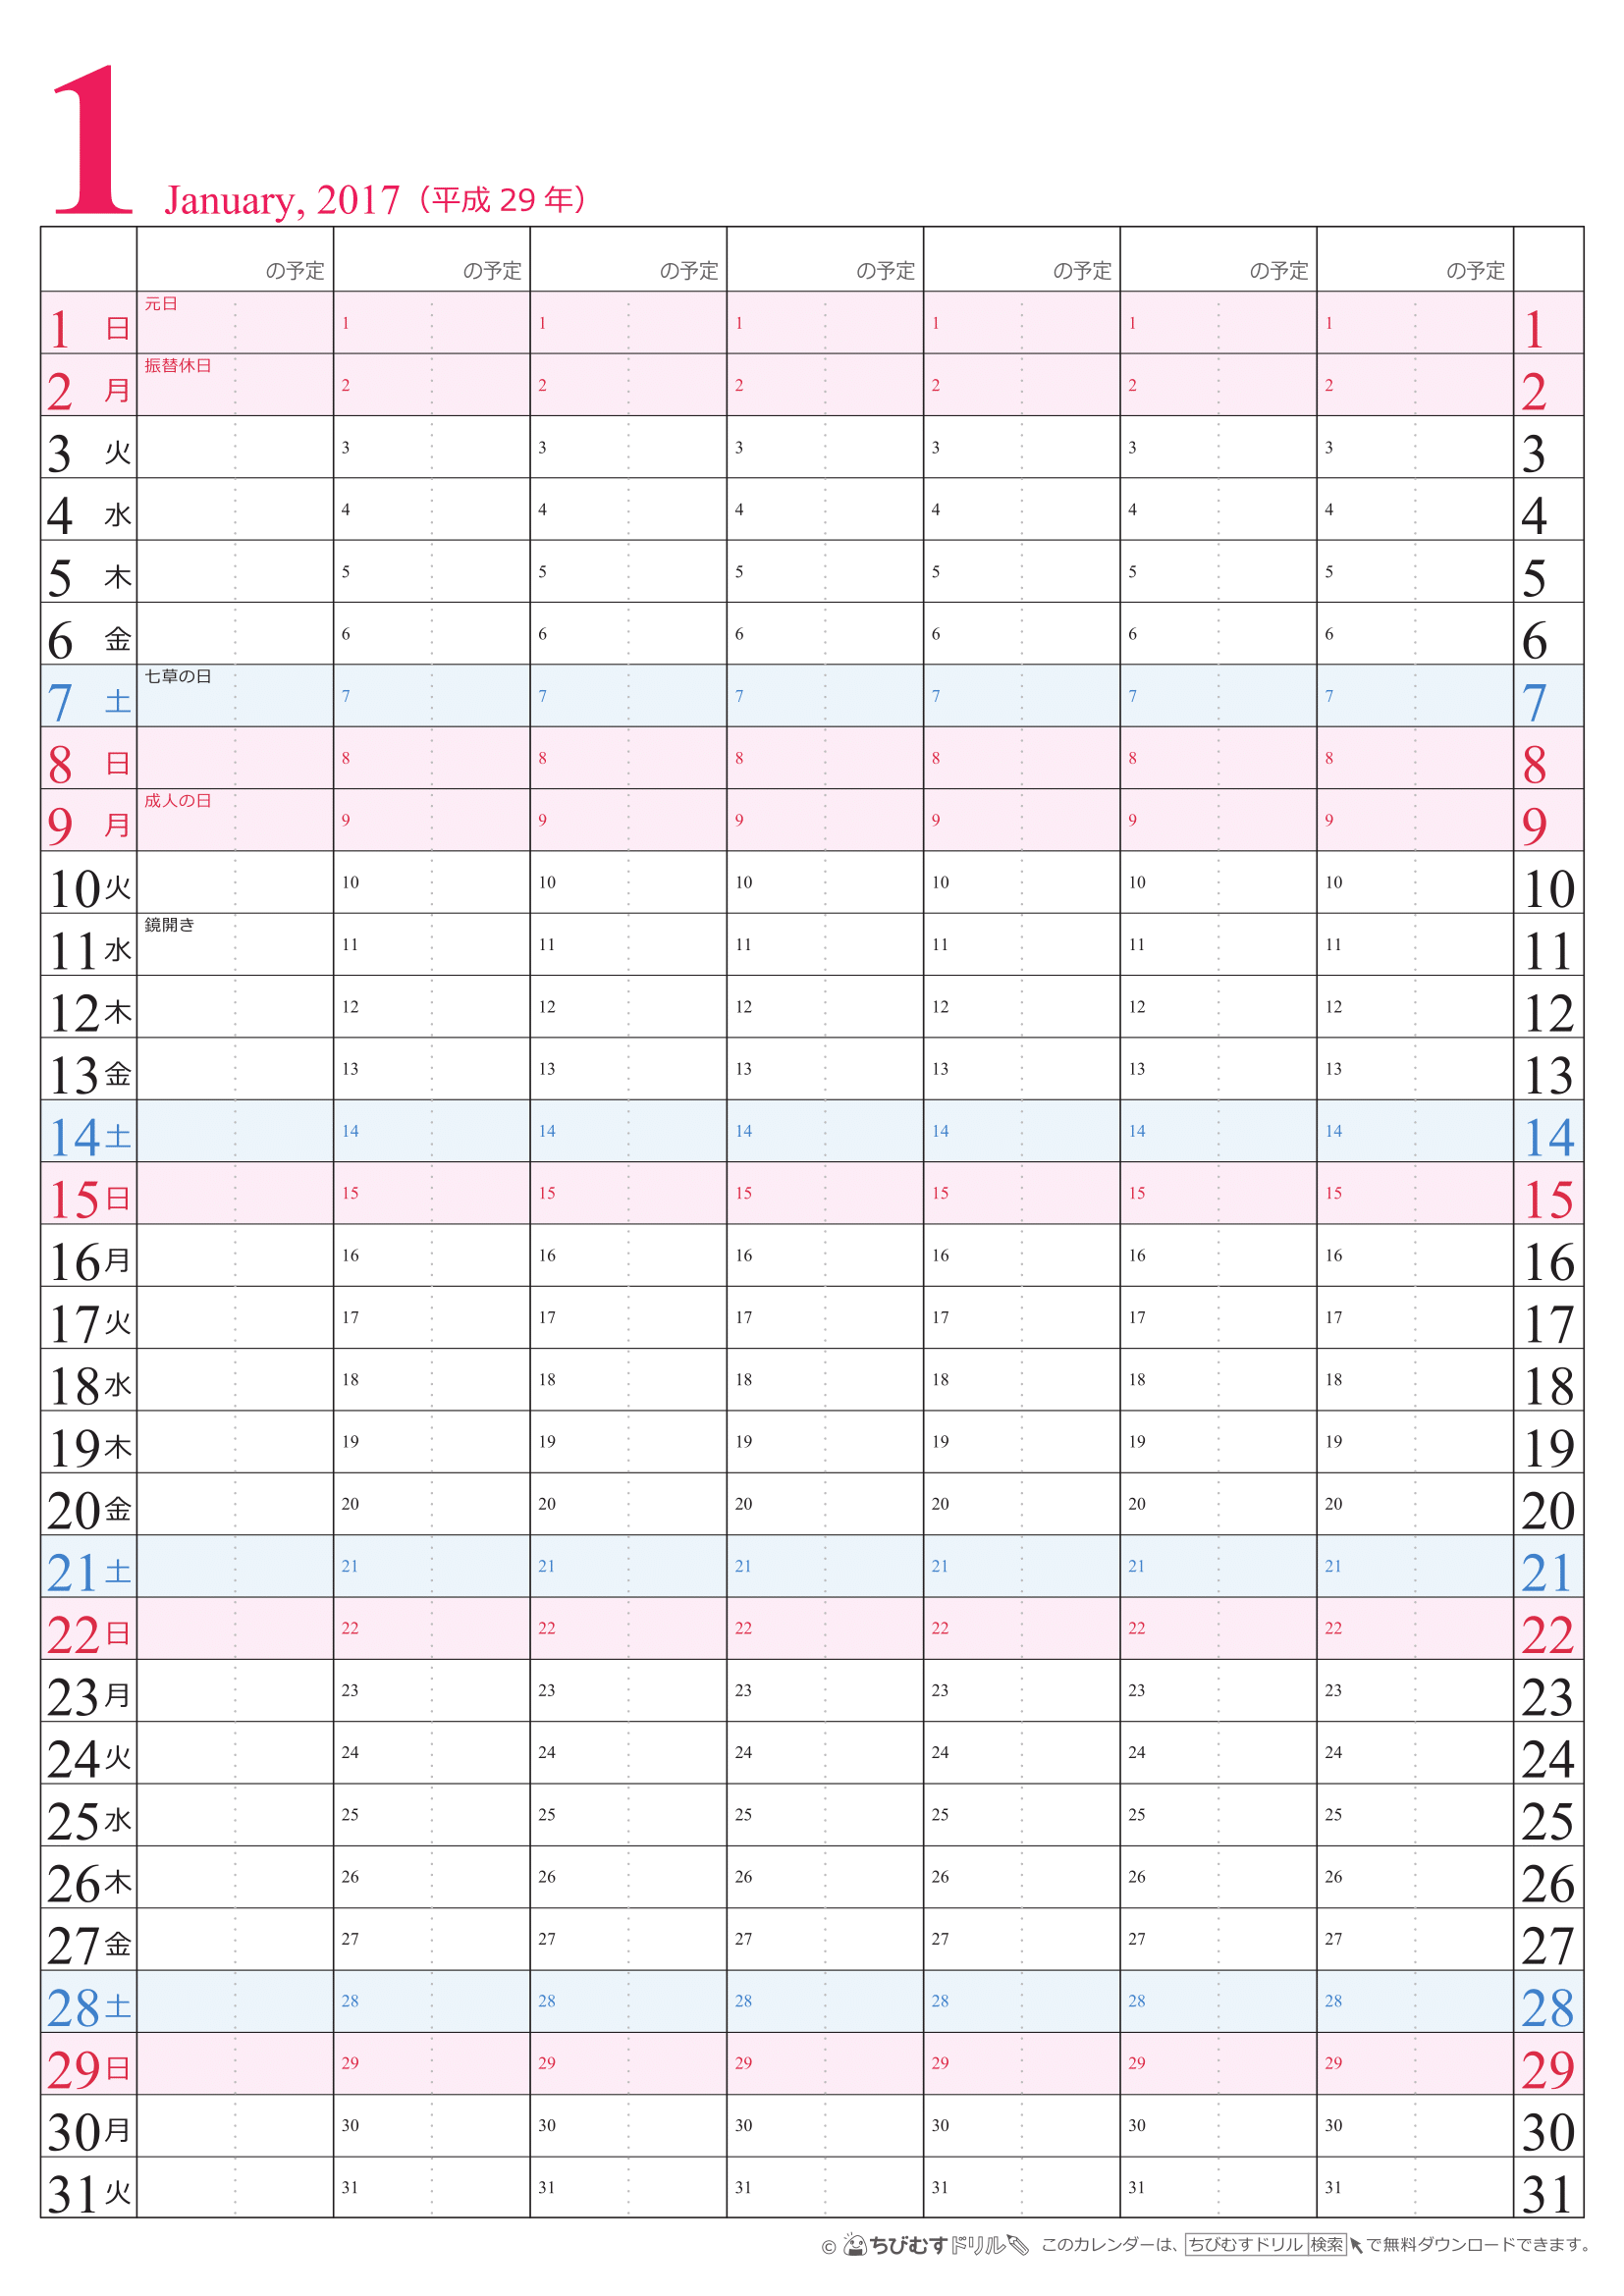 Lilac 2017(2018)年カレンダー 無料ダウンロード・印刷|ちびむすカレンダー